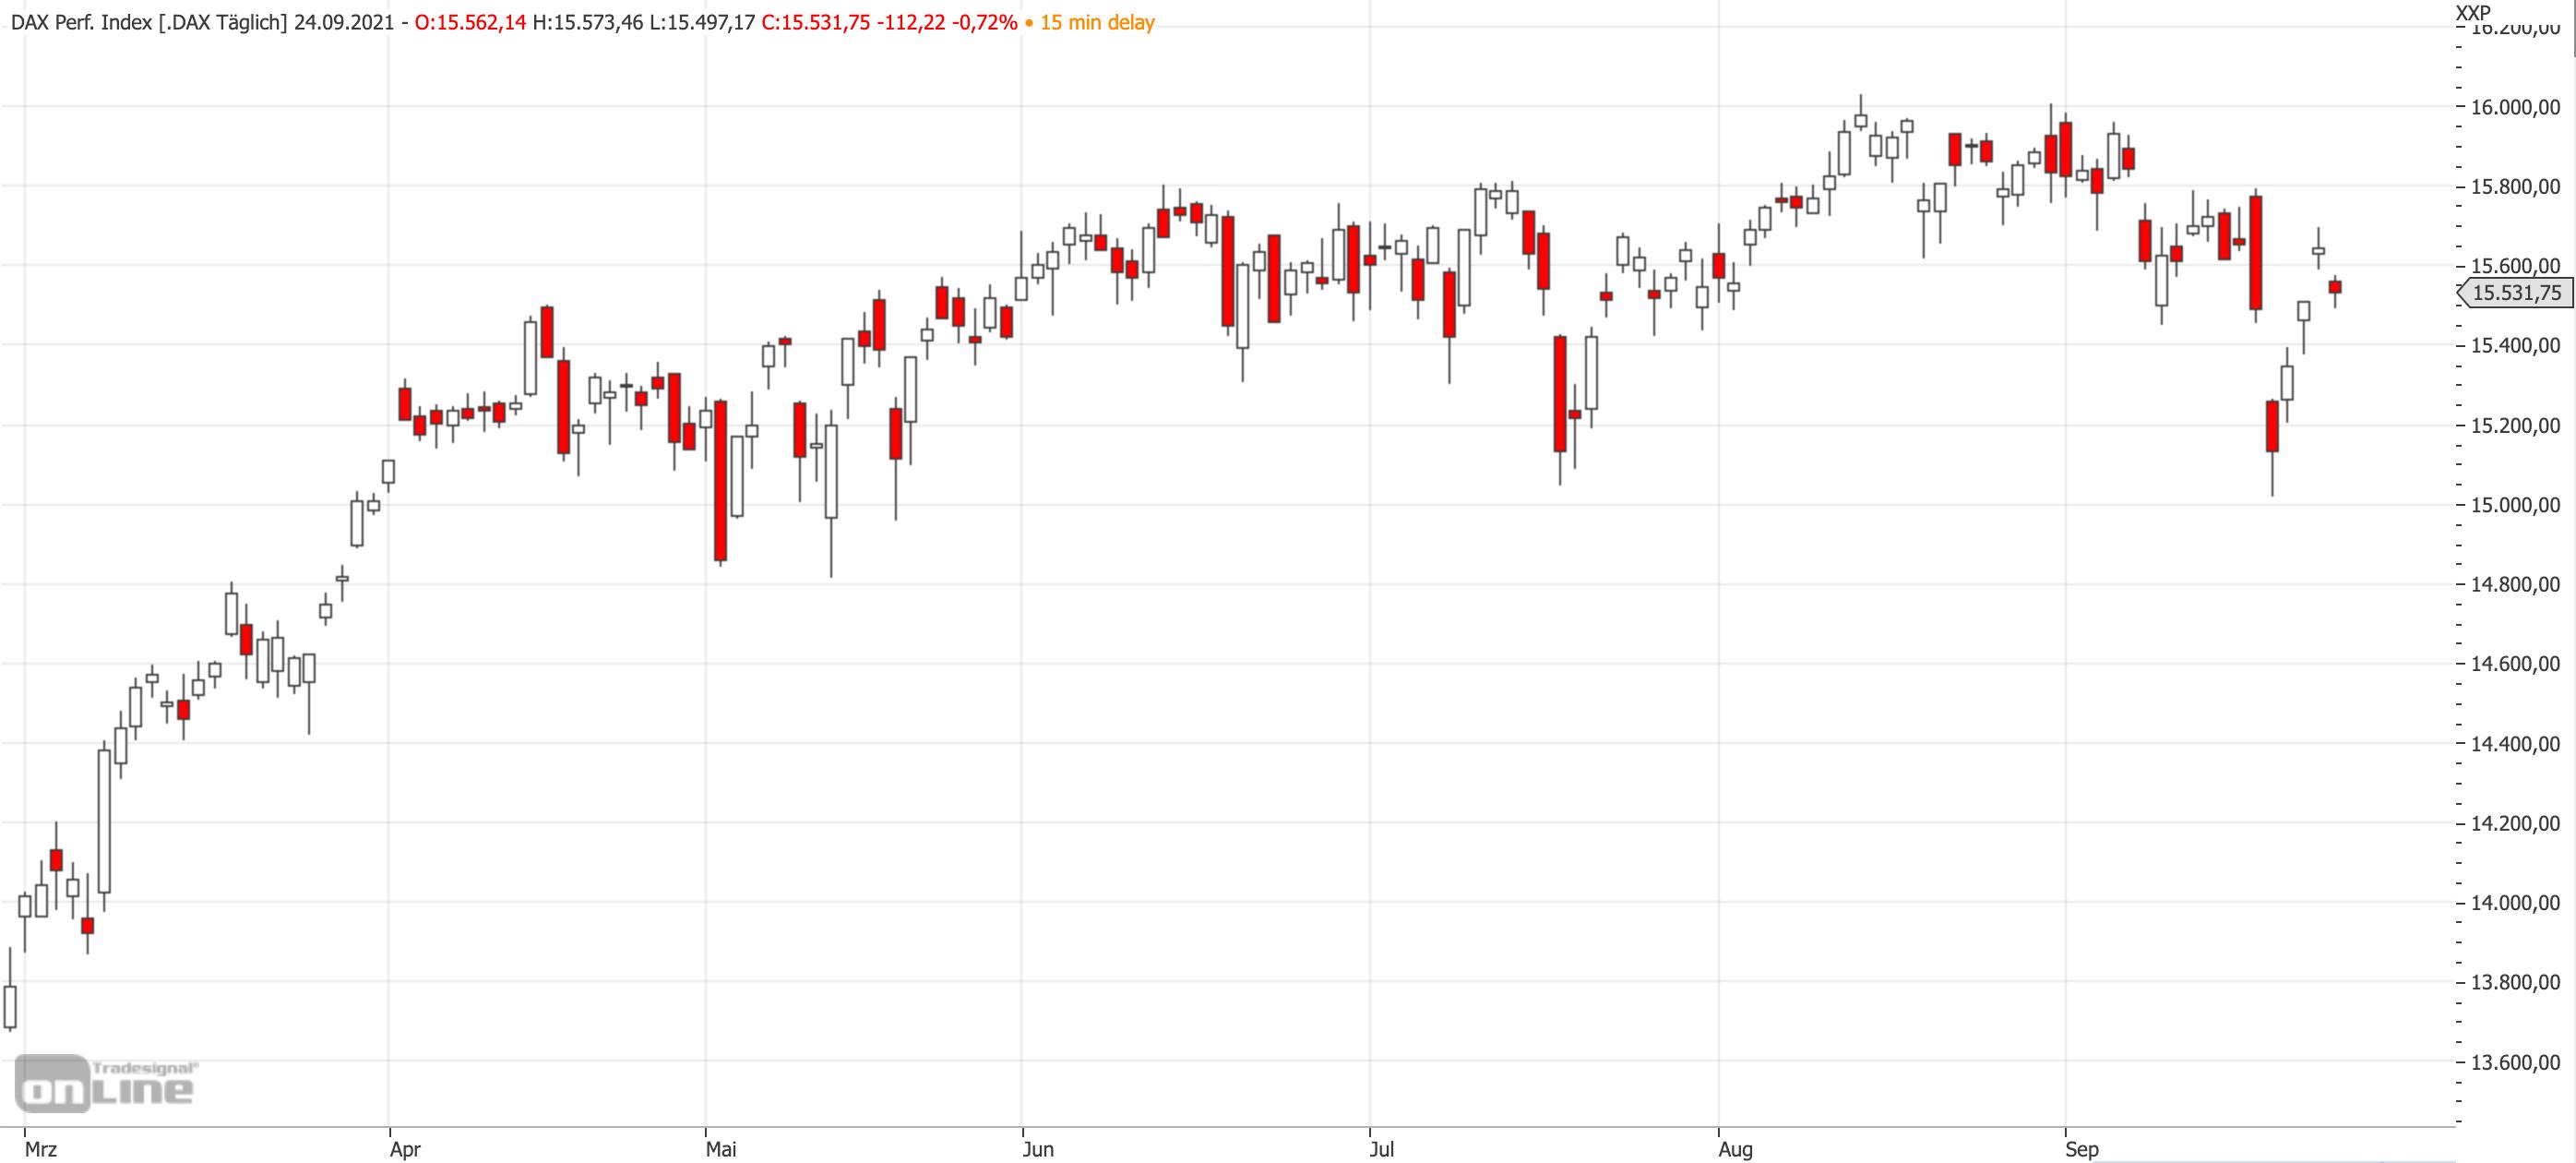 Mittelfristiger DAX-Chart bis zum 24.09.2021